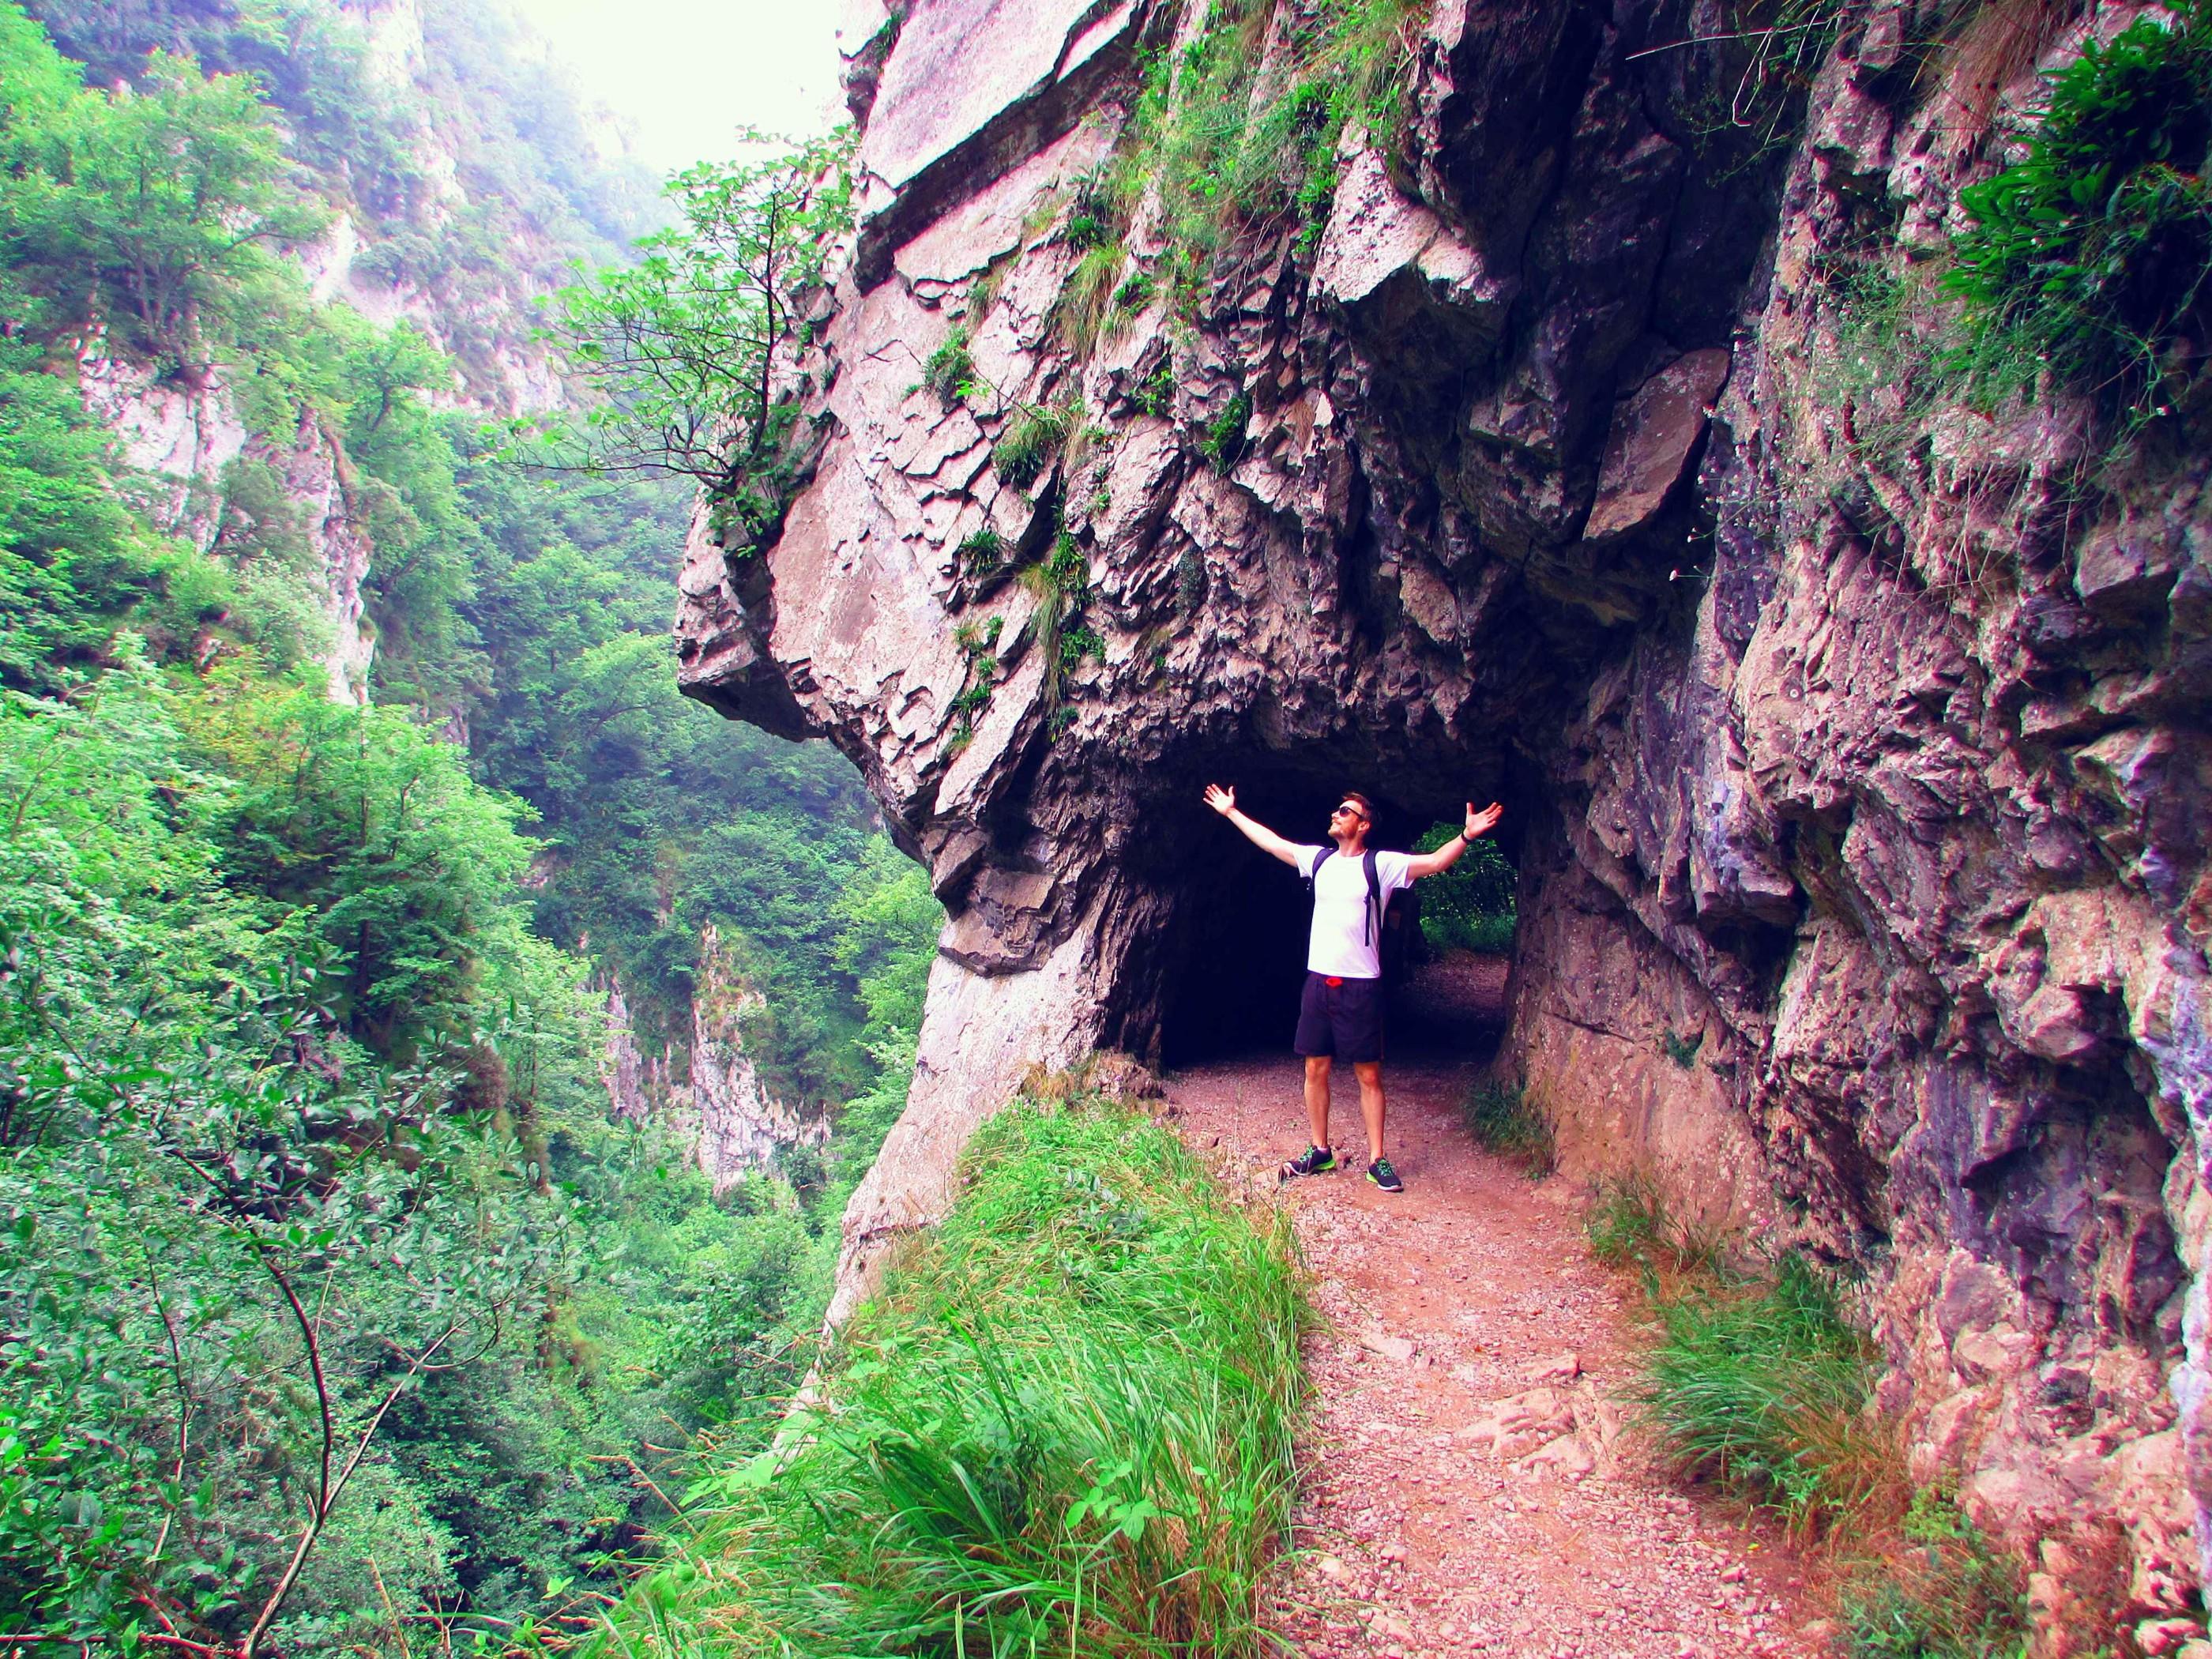 ruta-de-las-xanas-hiking-the-picos-de-europa-in-asturias-northern-spain